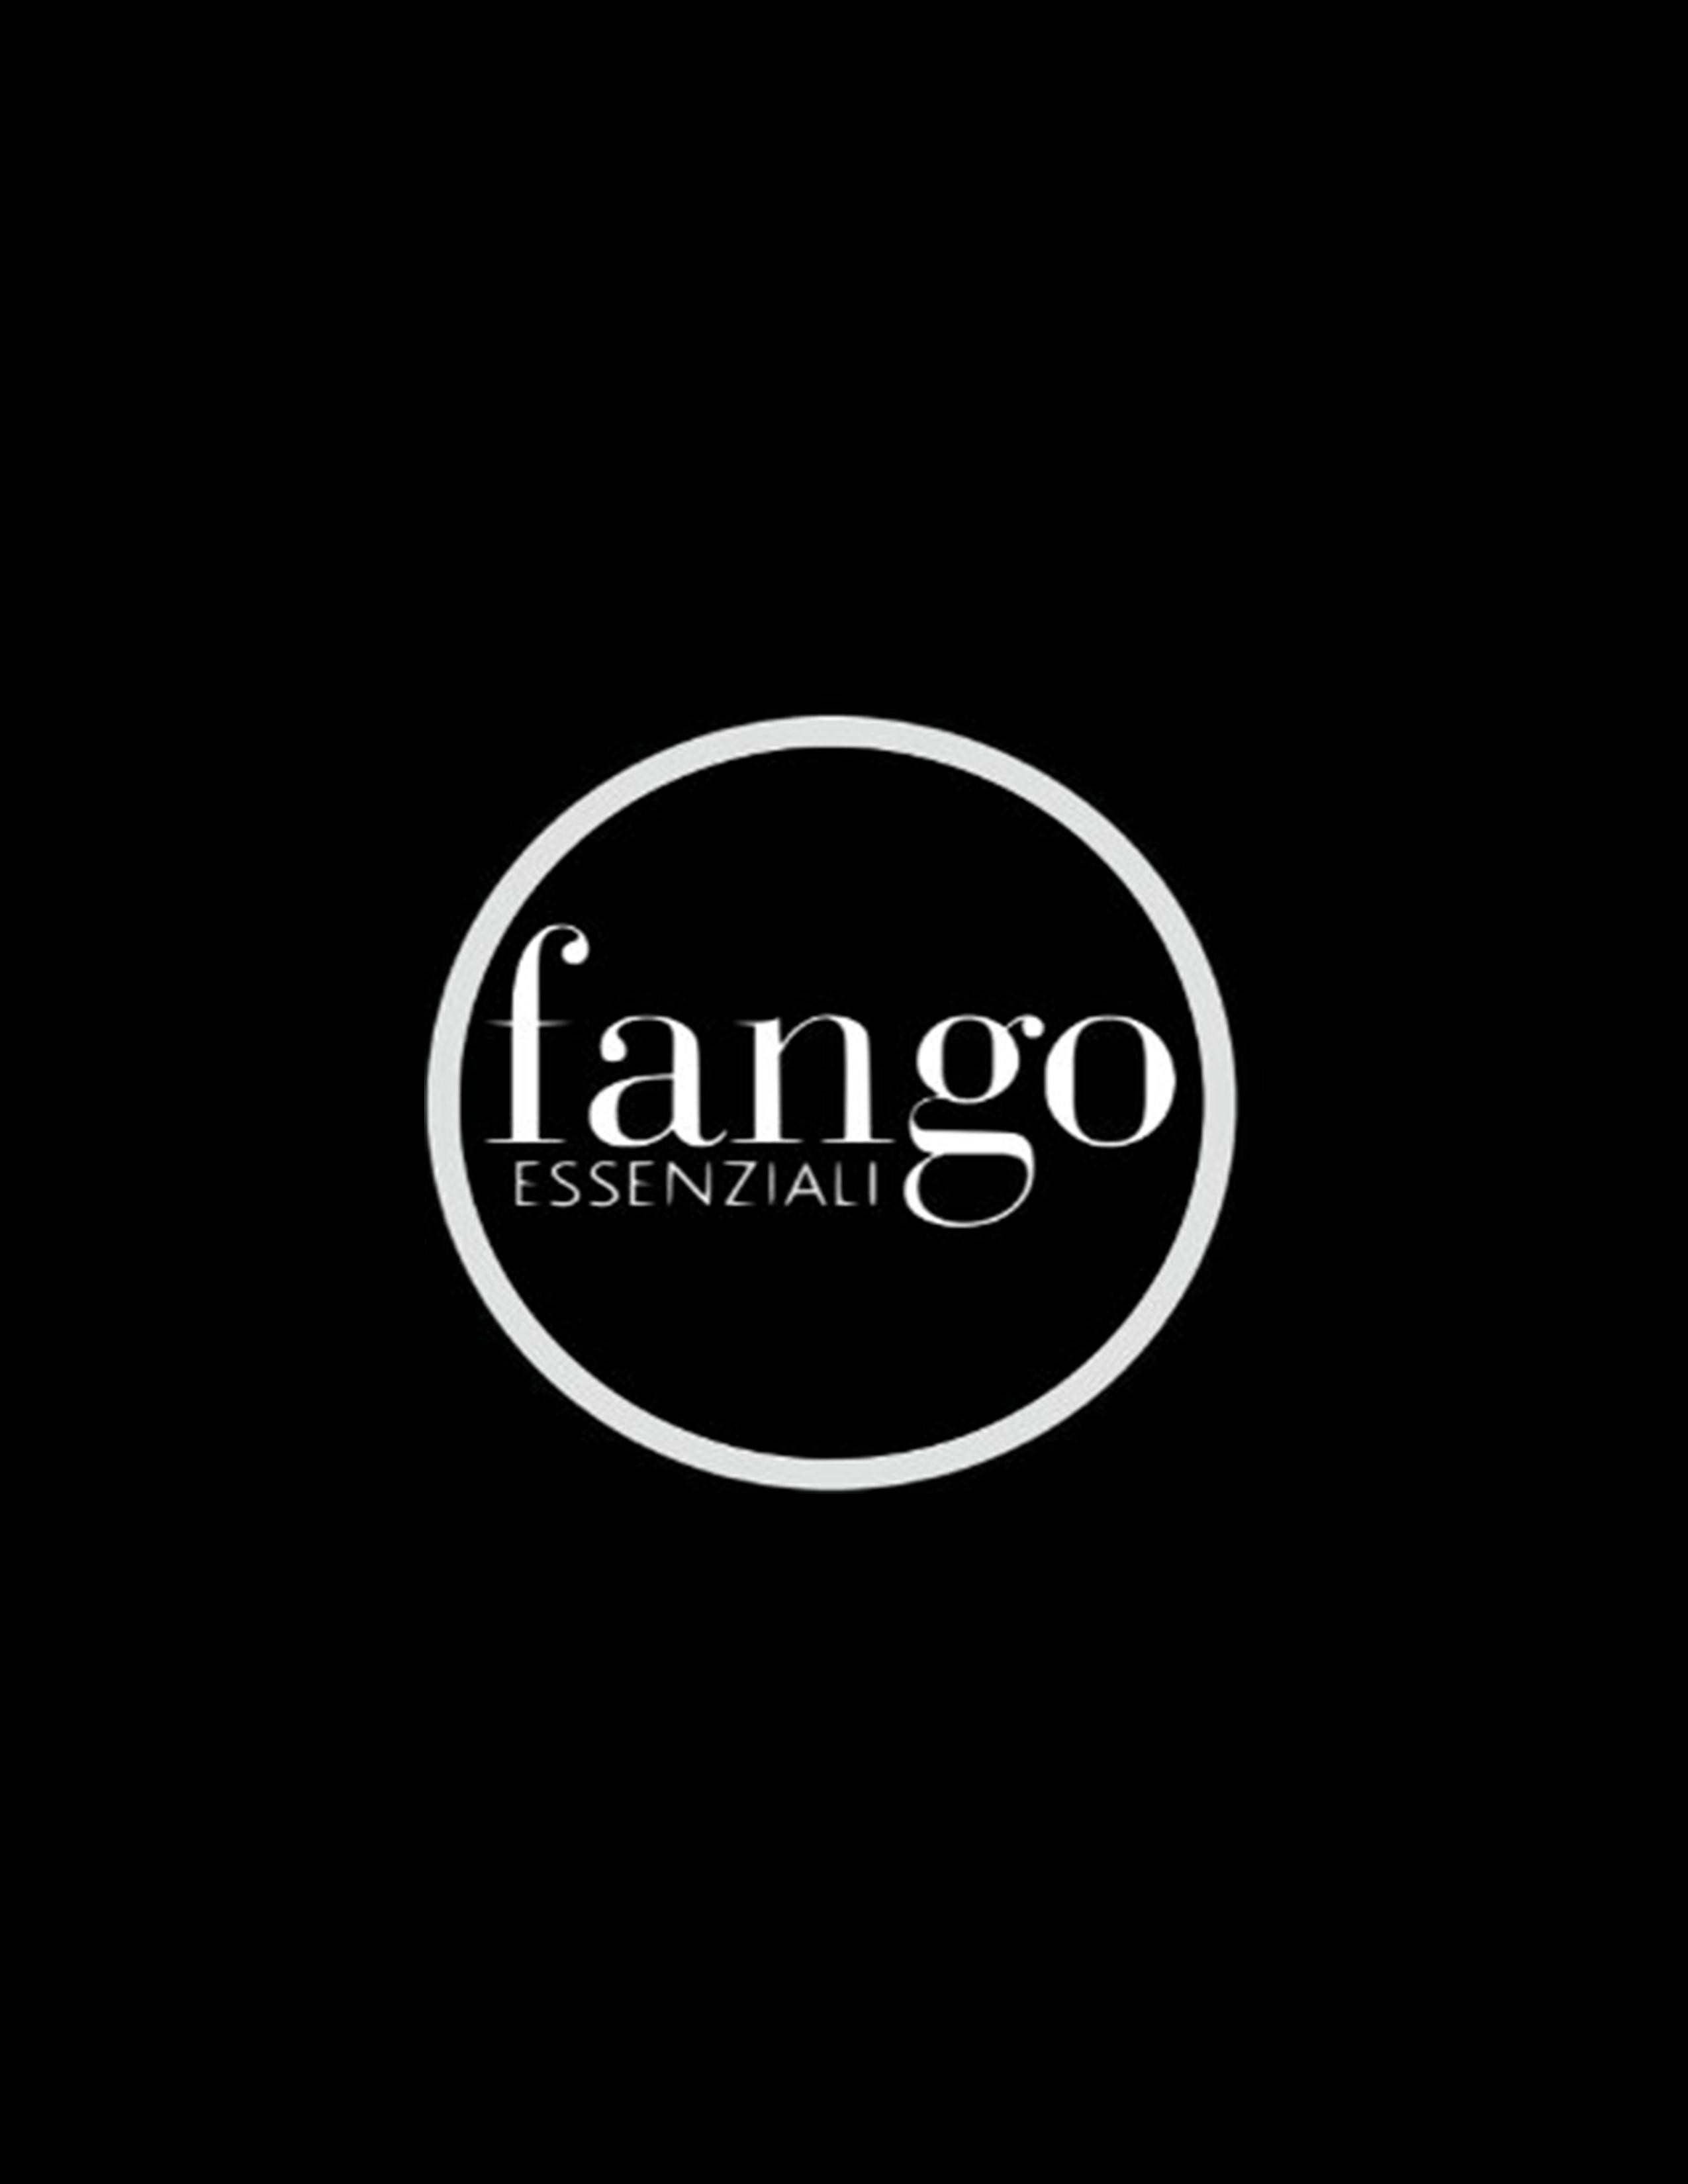 Fangologo